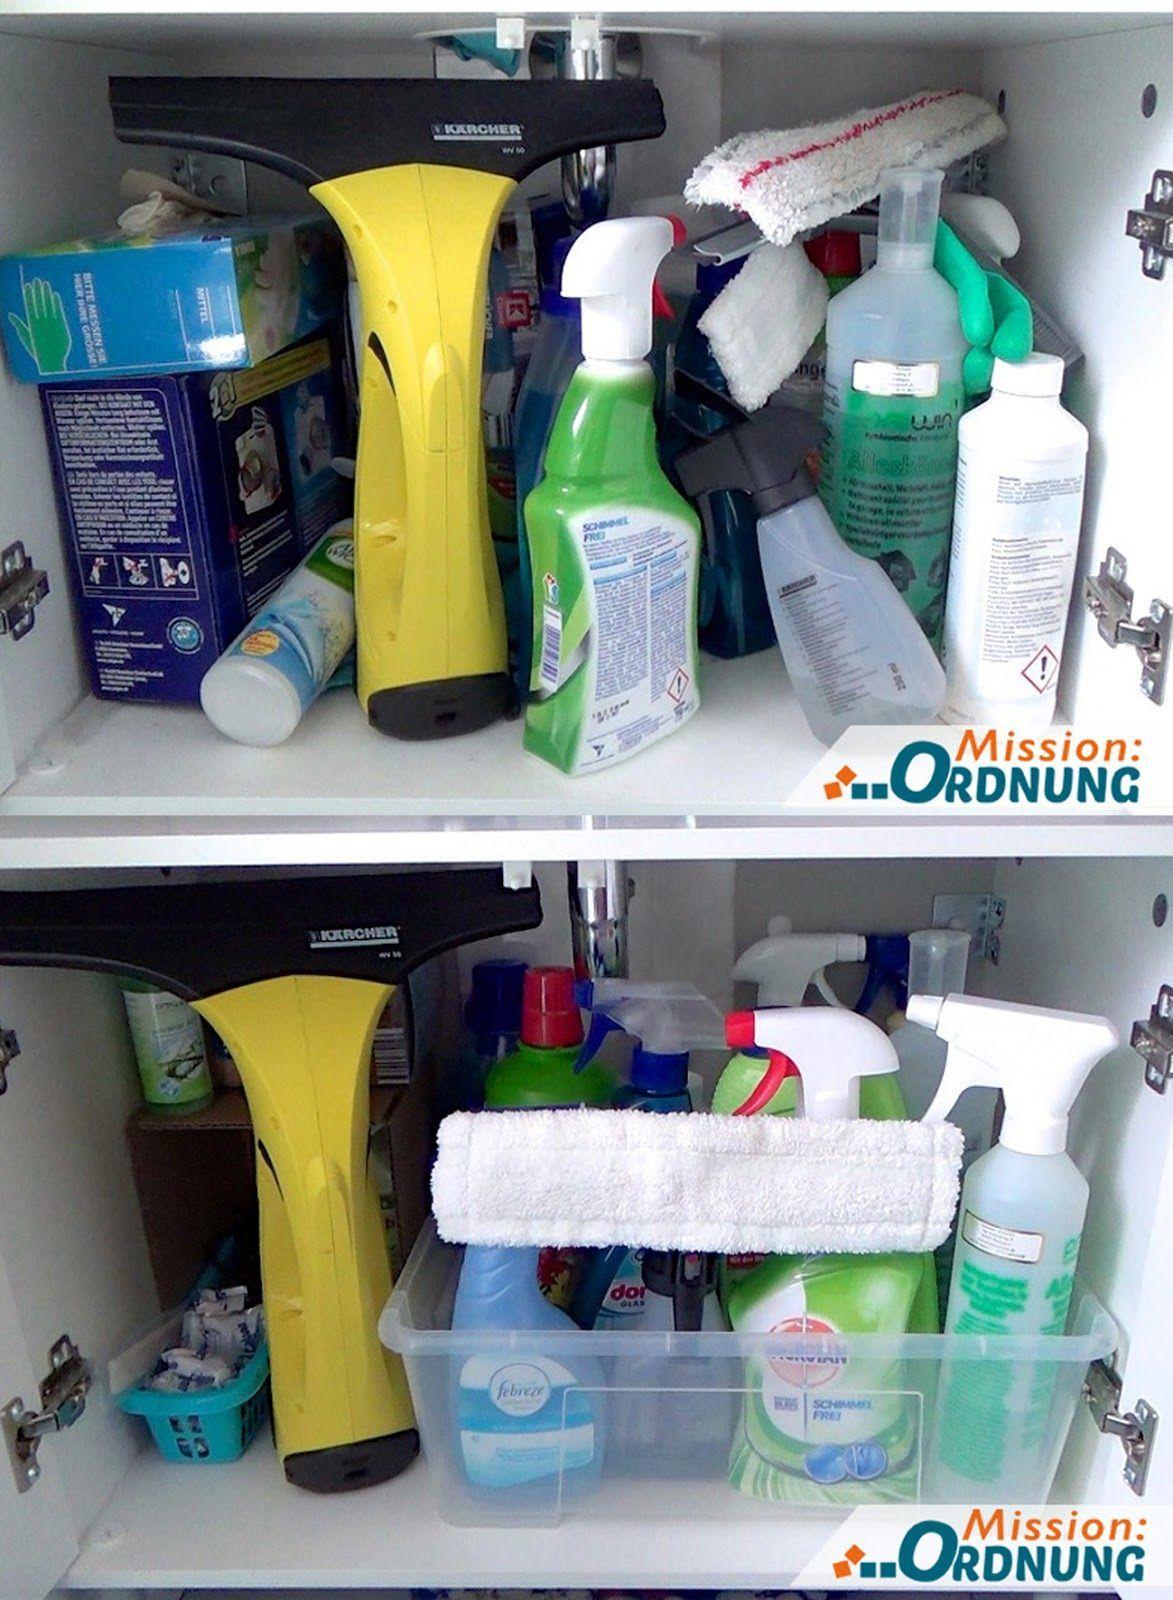 Ordnung Badezimmer Schrank Waschbeckenunterschrank Badezimmer Schrank Ordnungssystem Bad